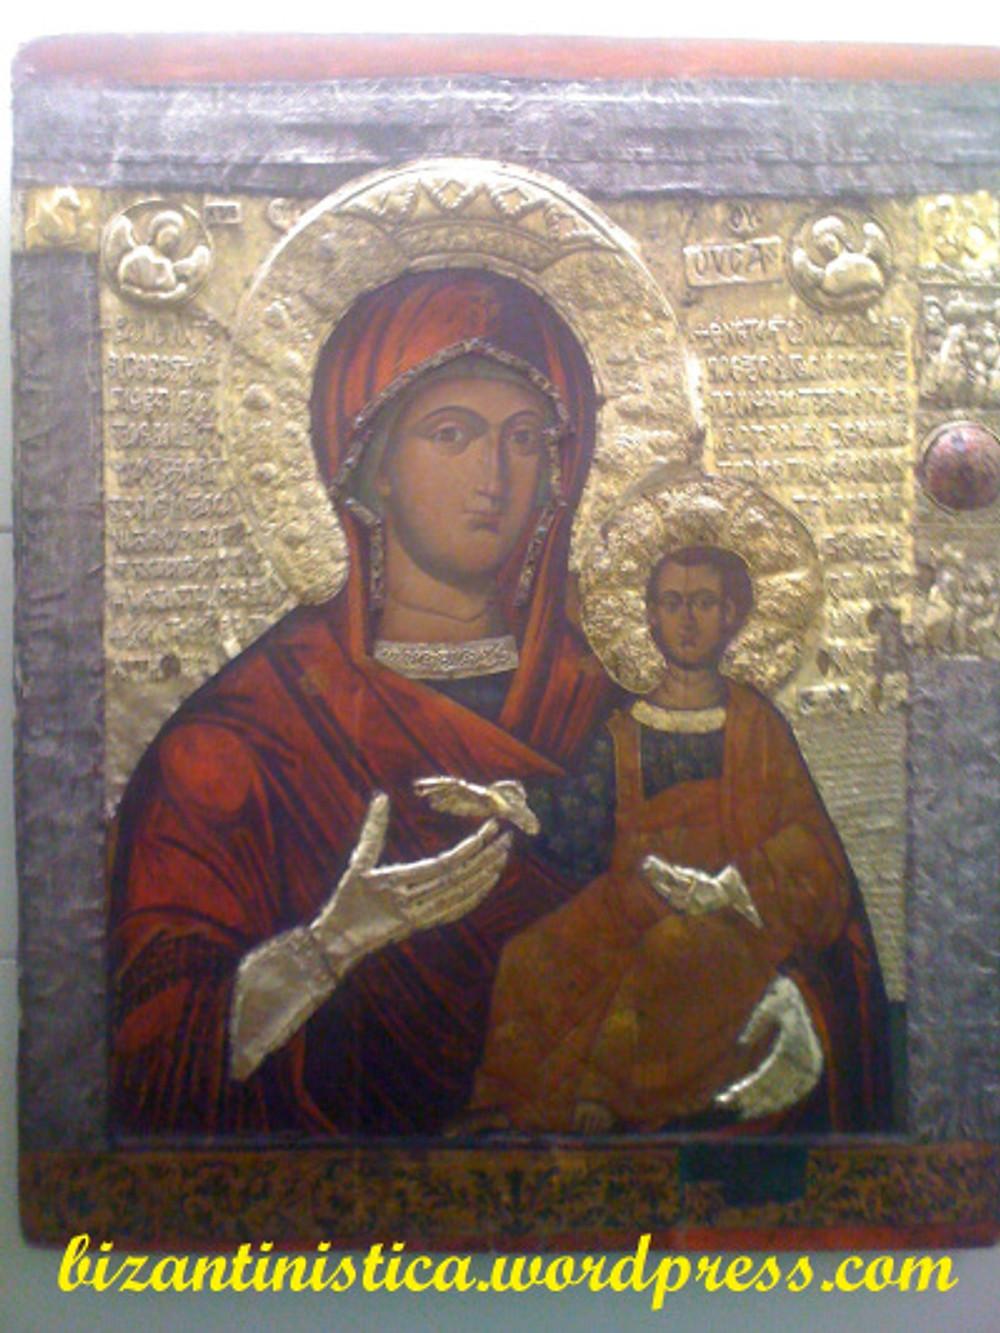 Ícone bizantino altamente decorado da Virgem Portadora de Deus (theotokos). Sec. XIV.